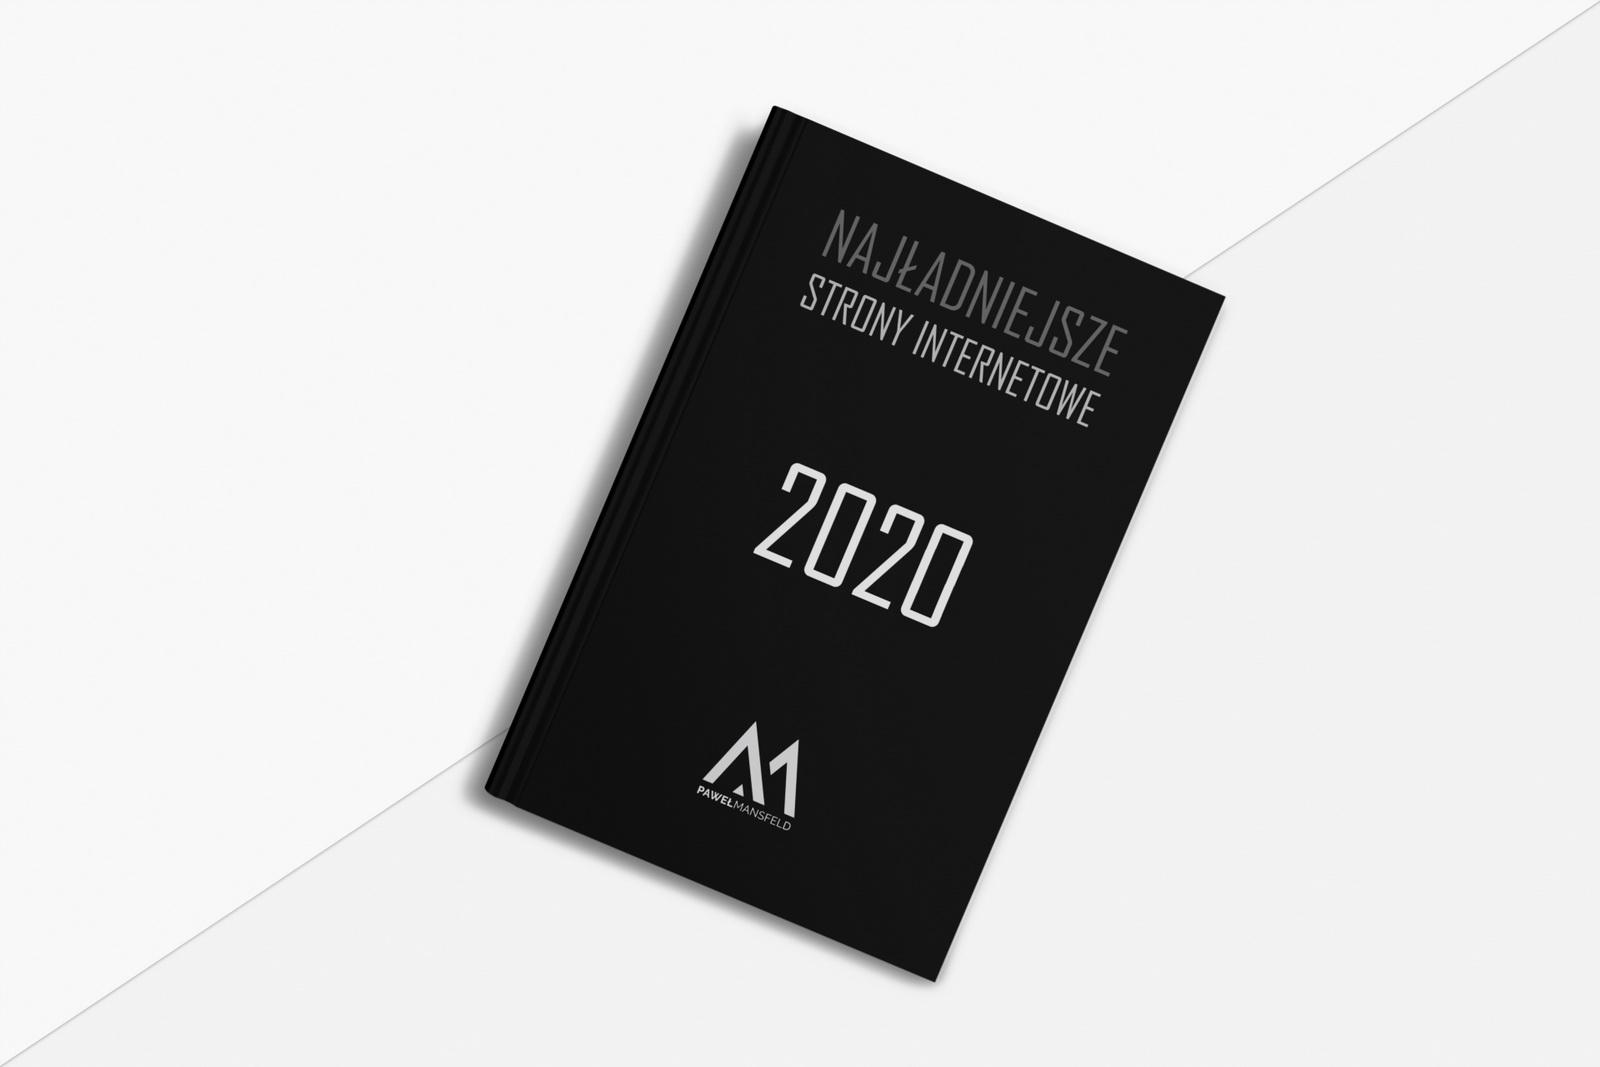 Najładniejsze strony internetowe 2020